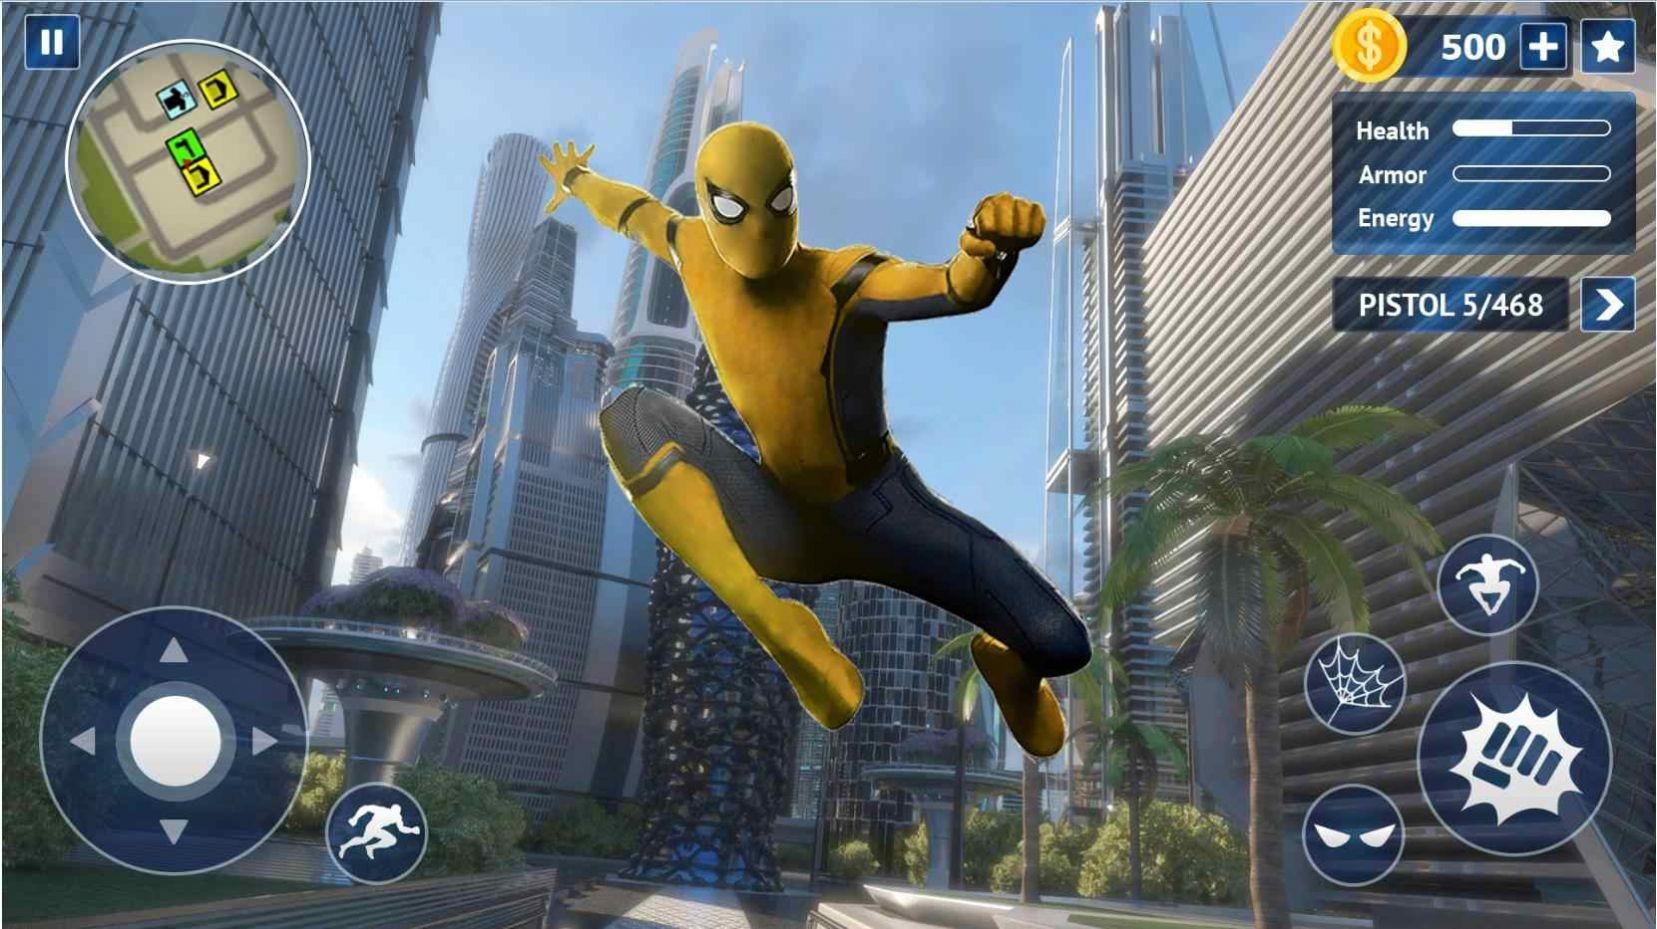 蜘蛛侠最强之战游戏图片2